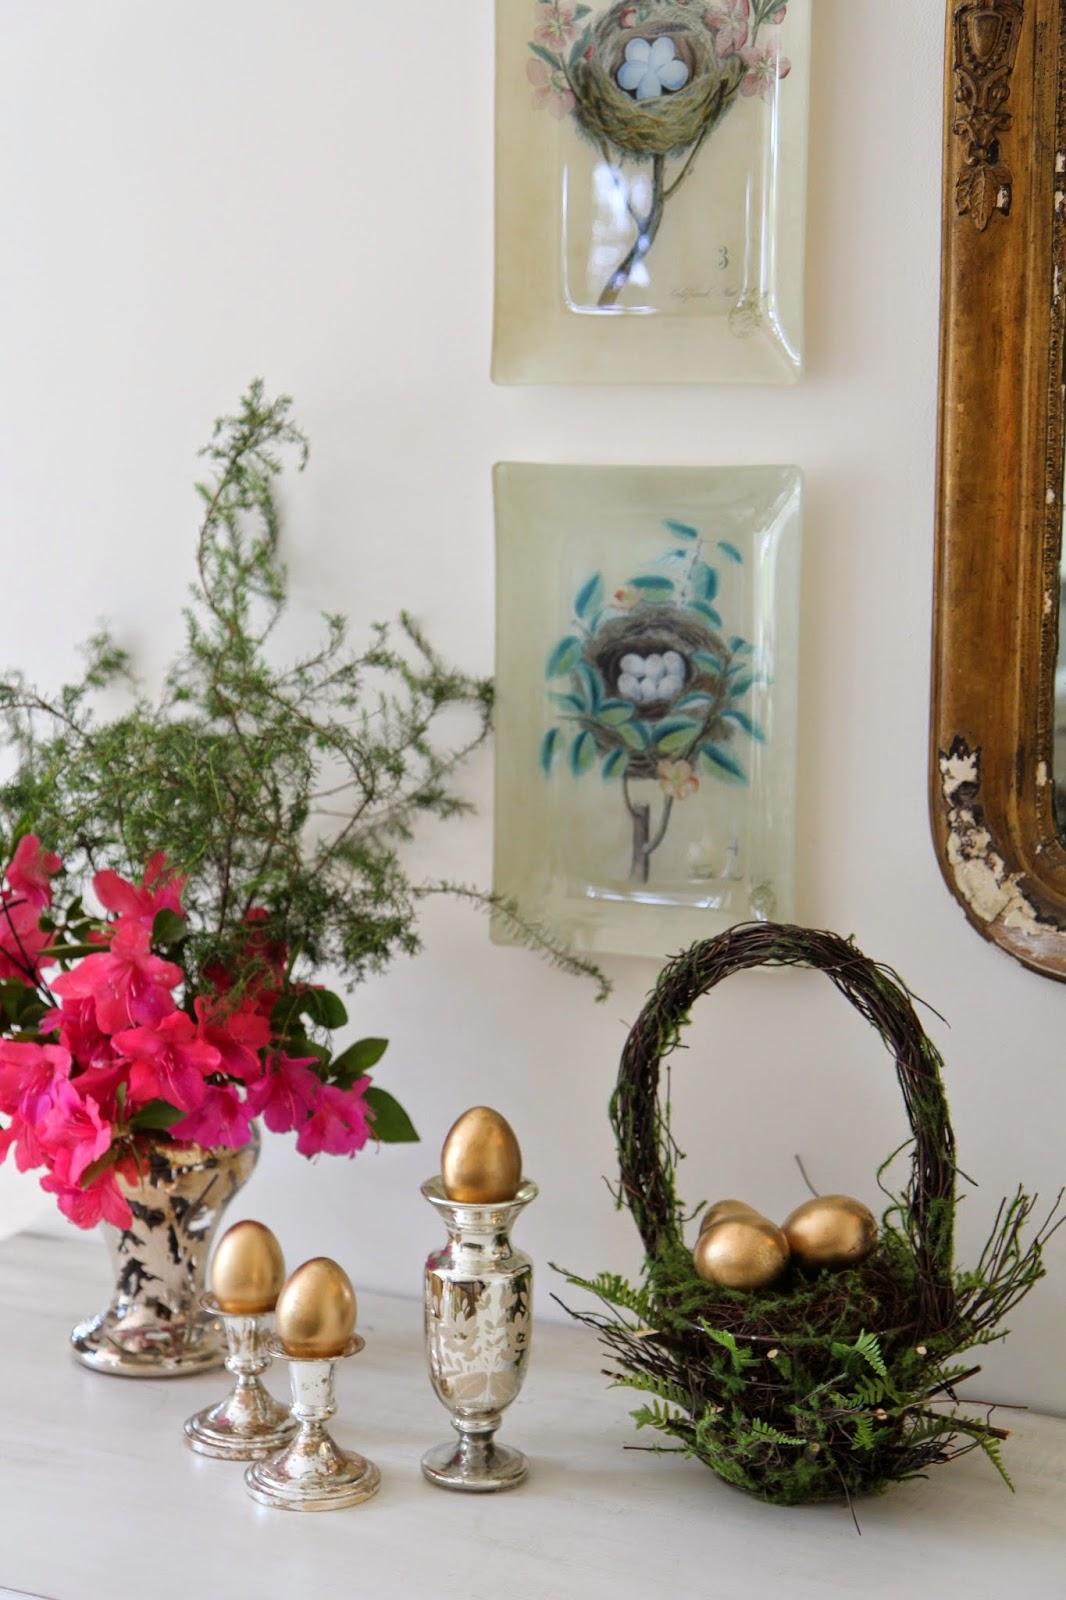 Golden Eggs; Easter Buffet Table Decor - Nora's Nest